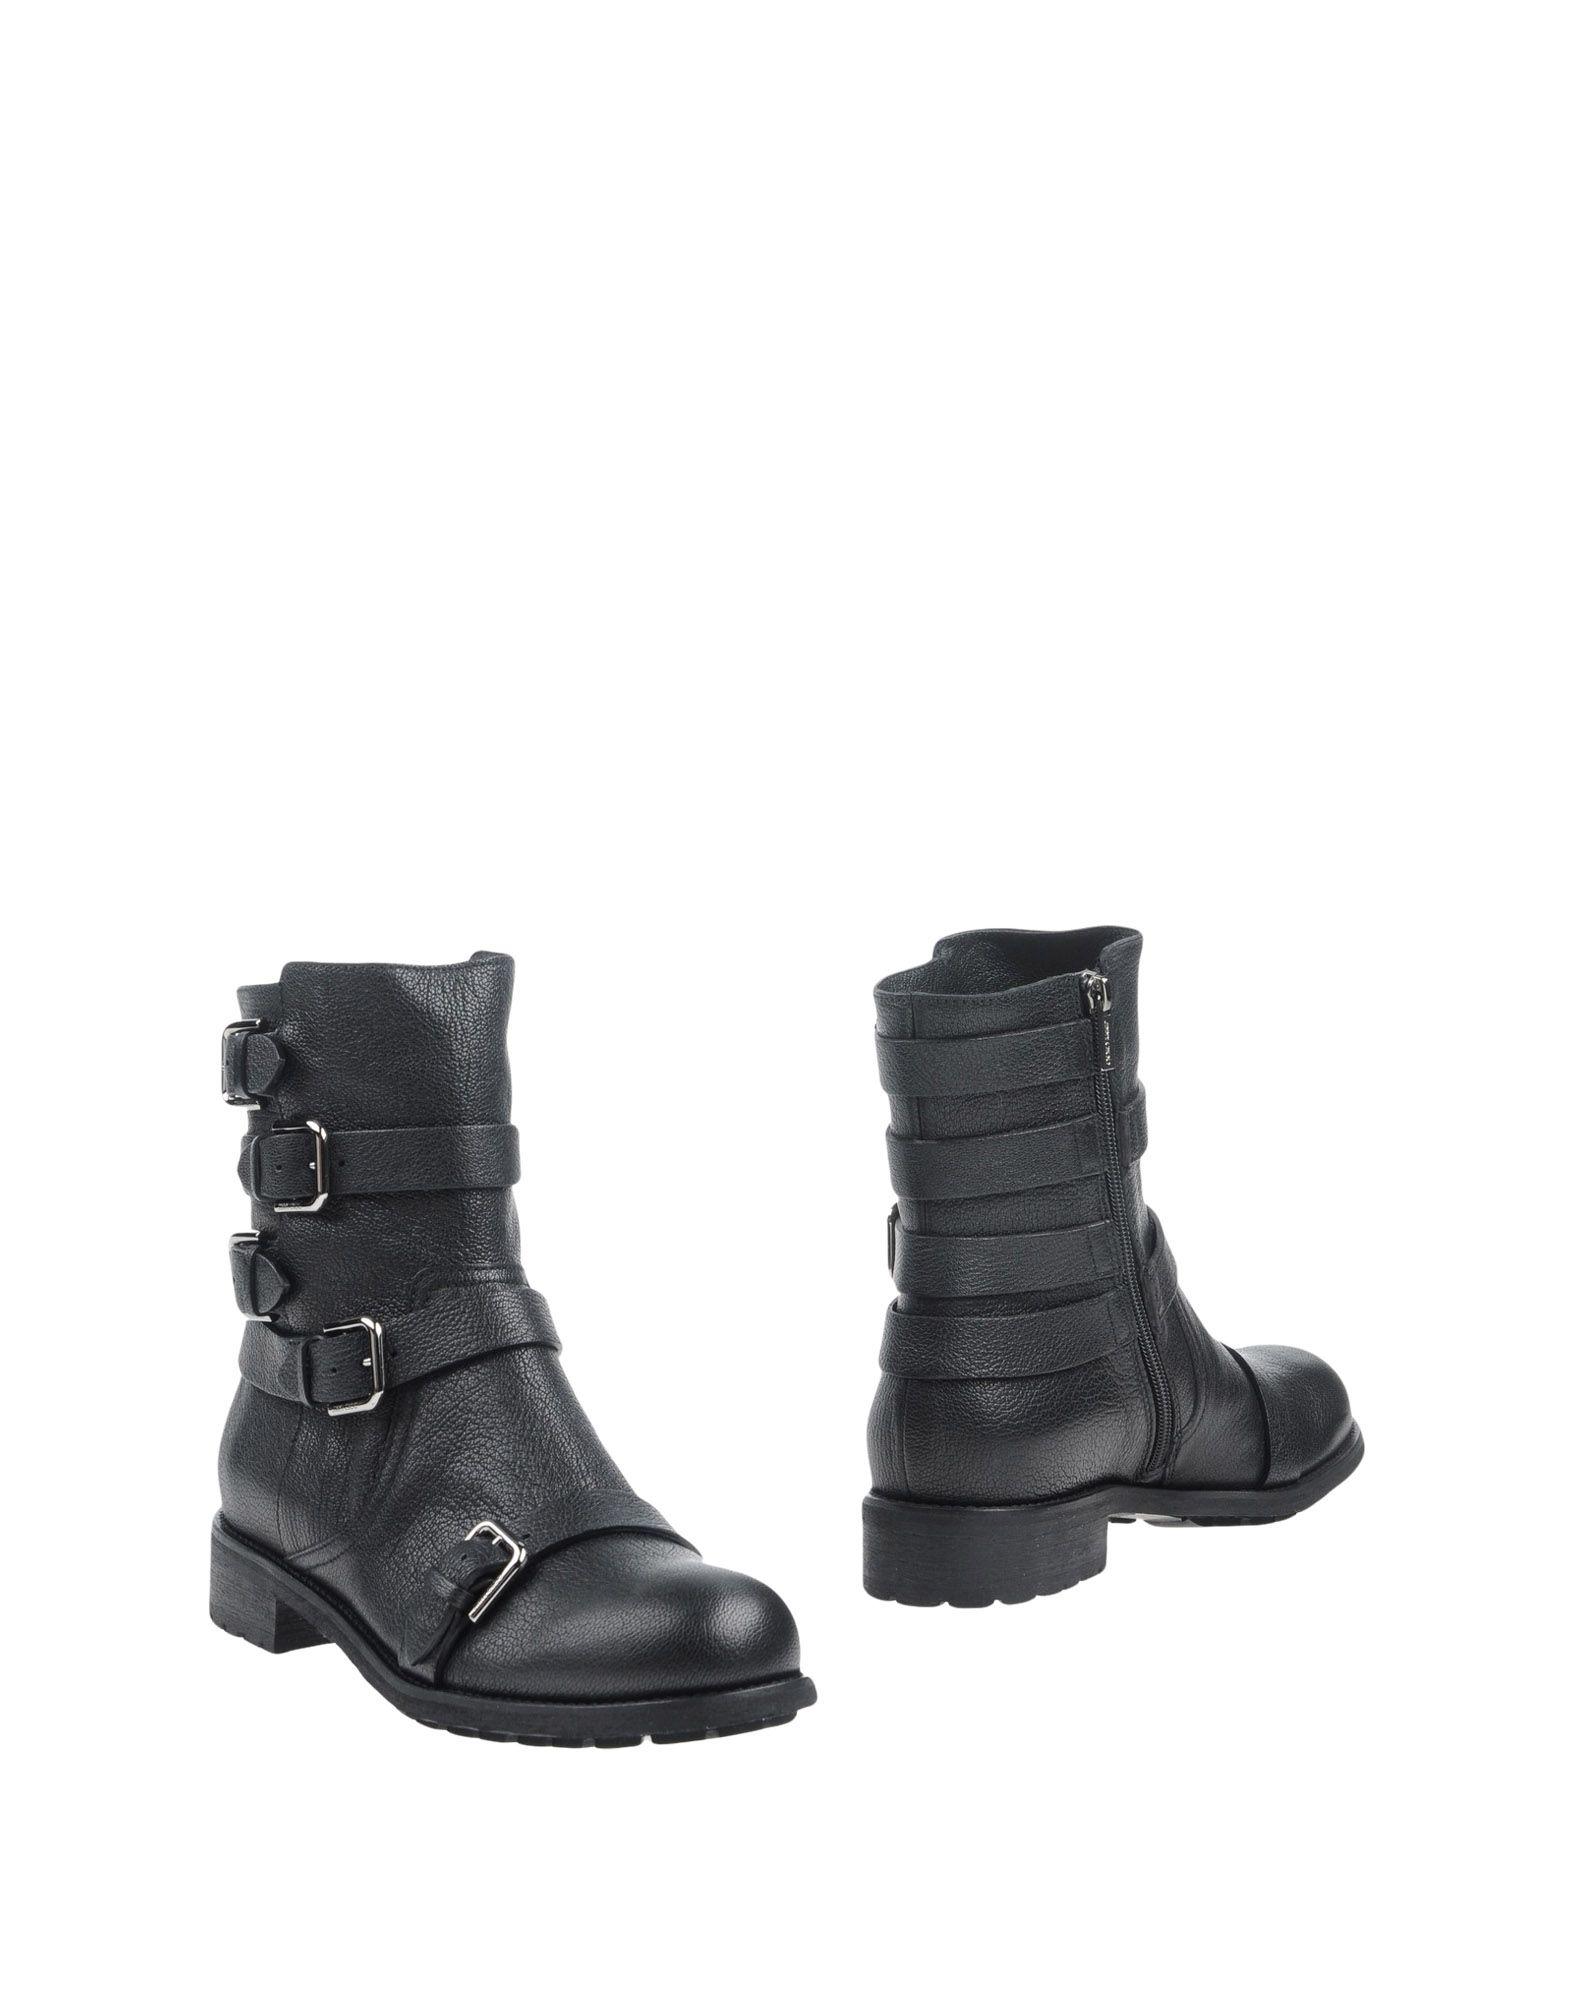 Jimmy Choo Stiefelette Damen  11232701TXGünstige gut aussehende Schuhe